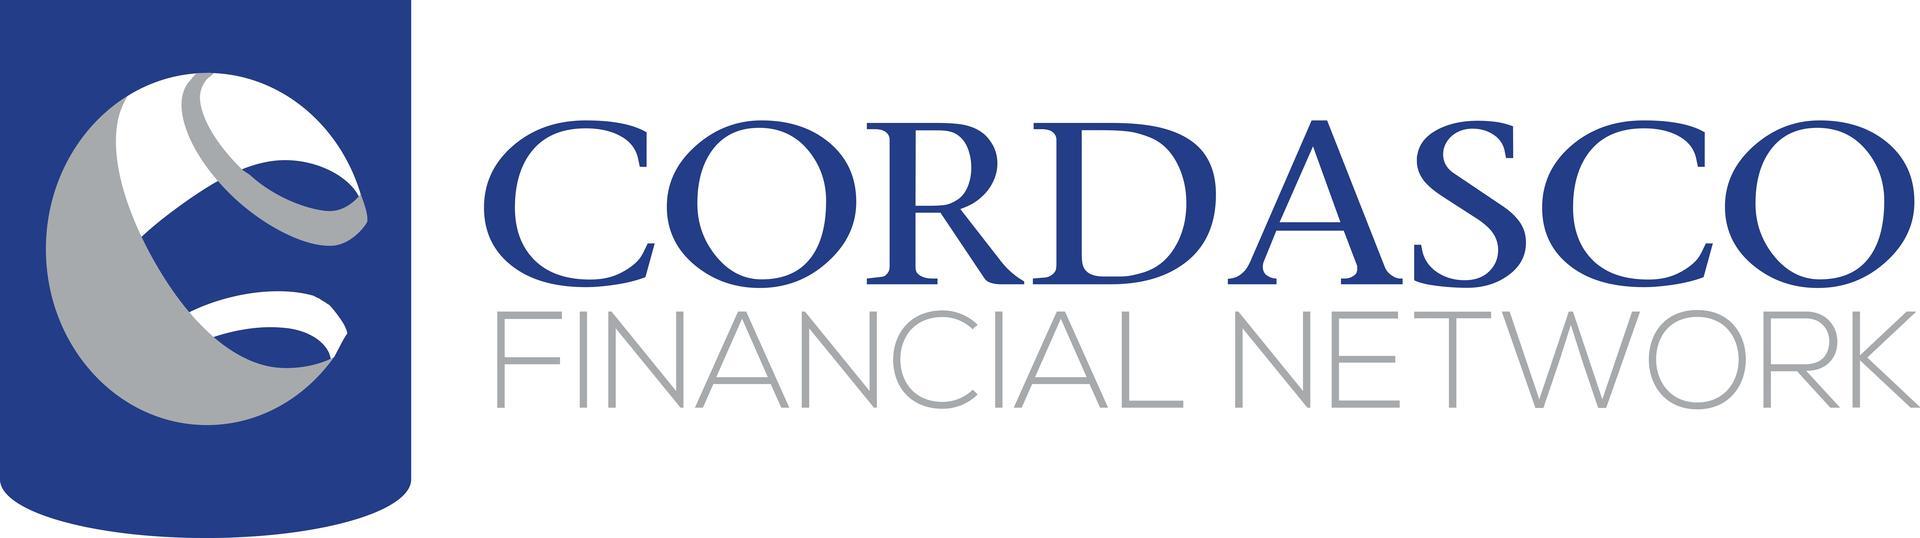 Cordasco Financial